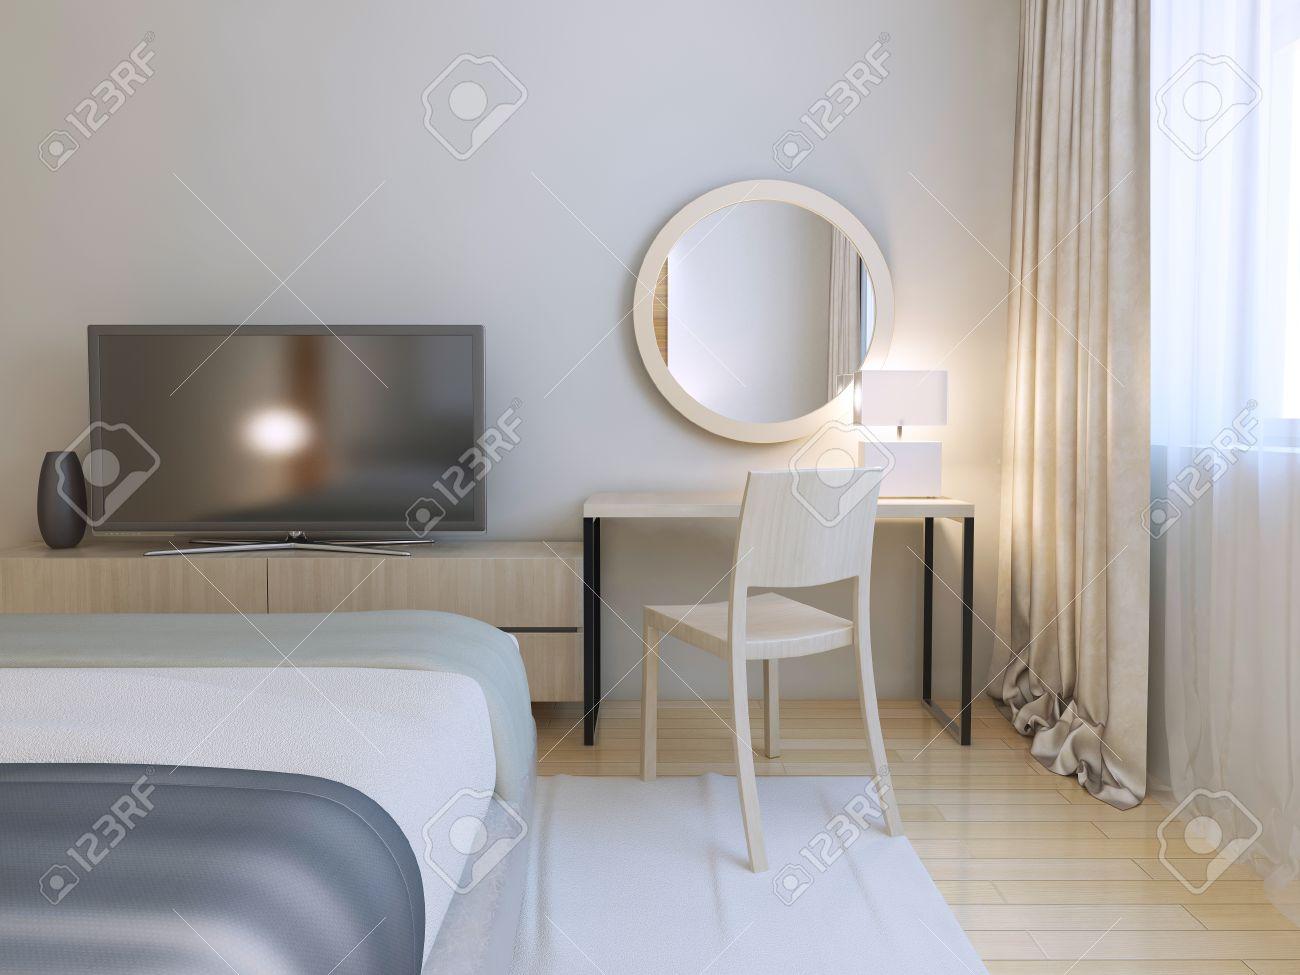 Moderne Schlafzimmer Interieur. Zimmer Mit Möbeln Und Parkettböden ...